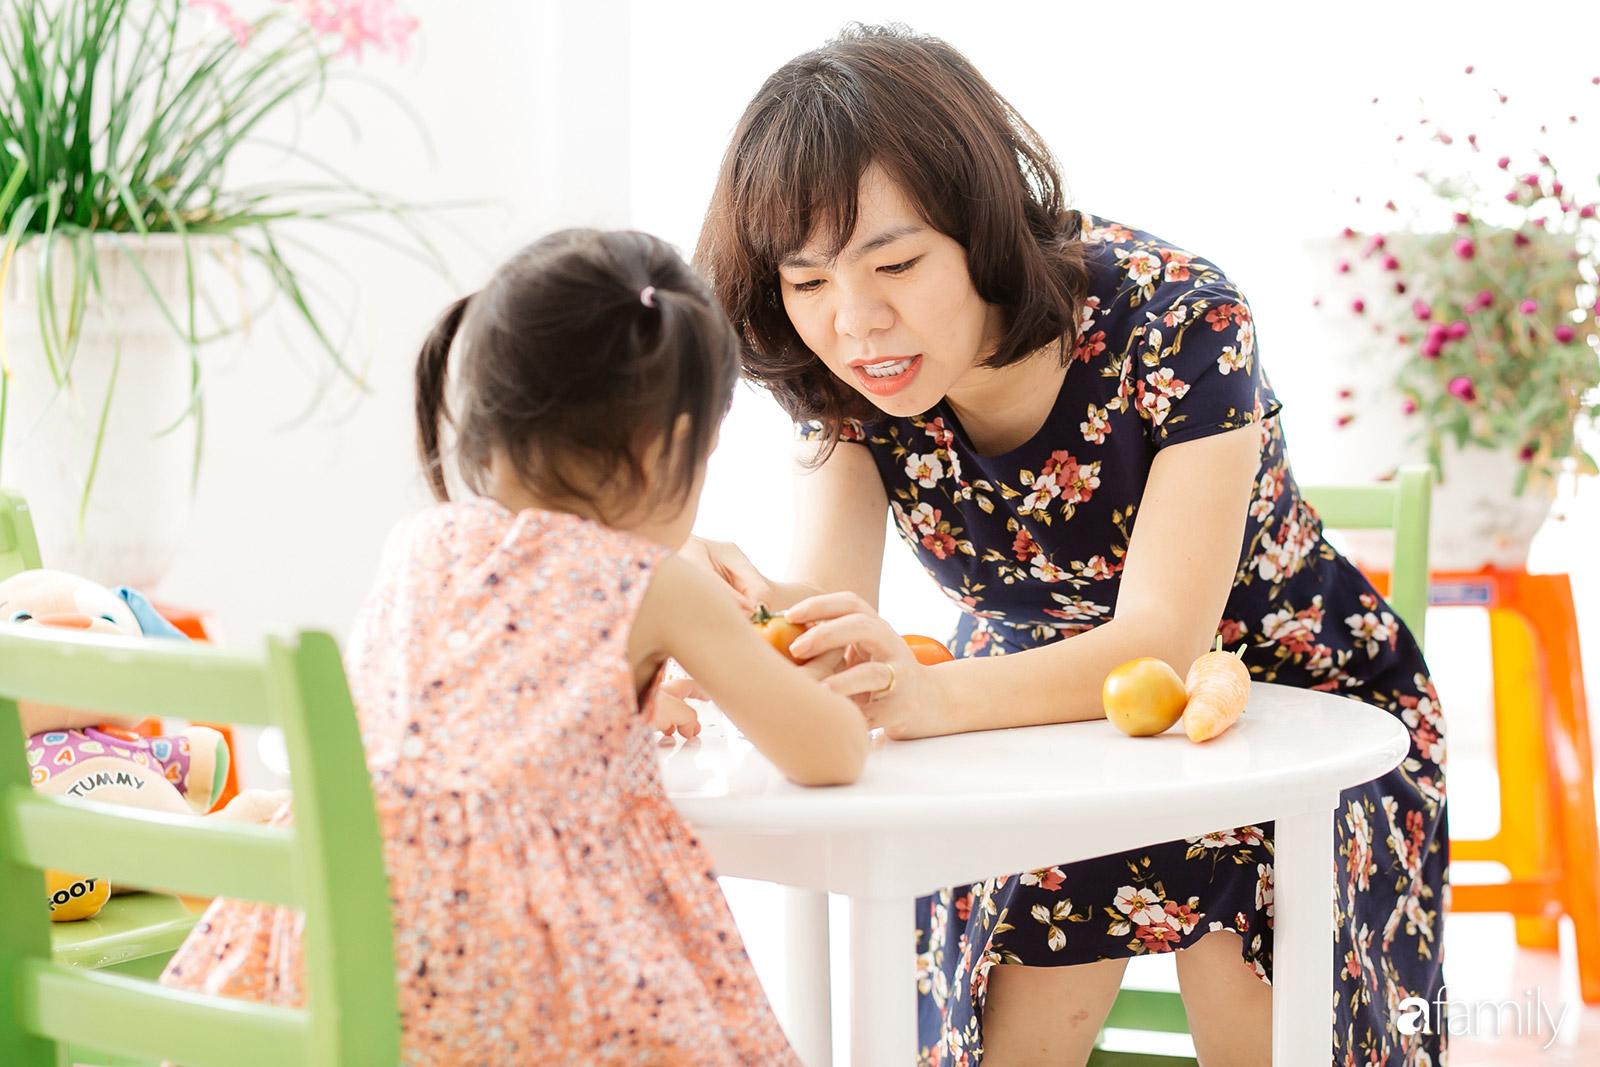 Uyên Phương, người mẹ quyết định khởi nghiệp vì con: Tôi nghĩ phụ nữ sẽ luôn có lựa chọn tốt hơn là hi sinh - Ảnh 14.